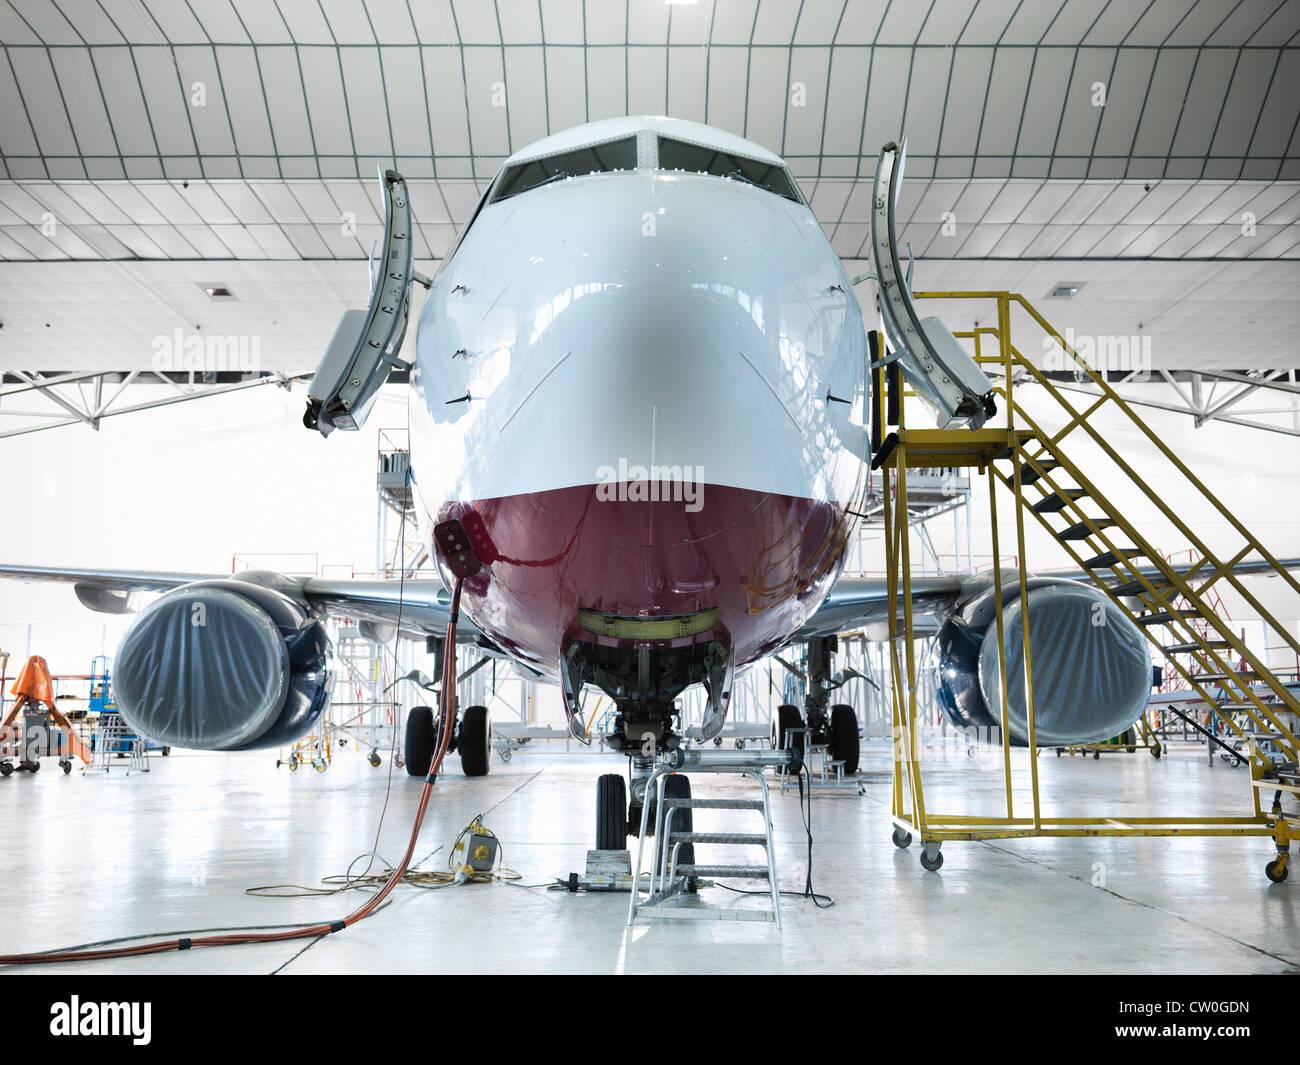 Aeroplano ancorata in hangar Immagini Stock